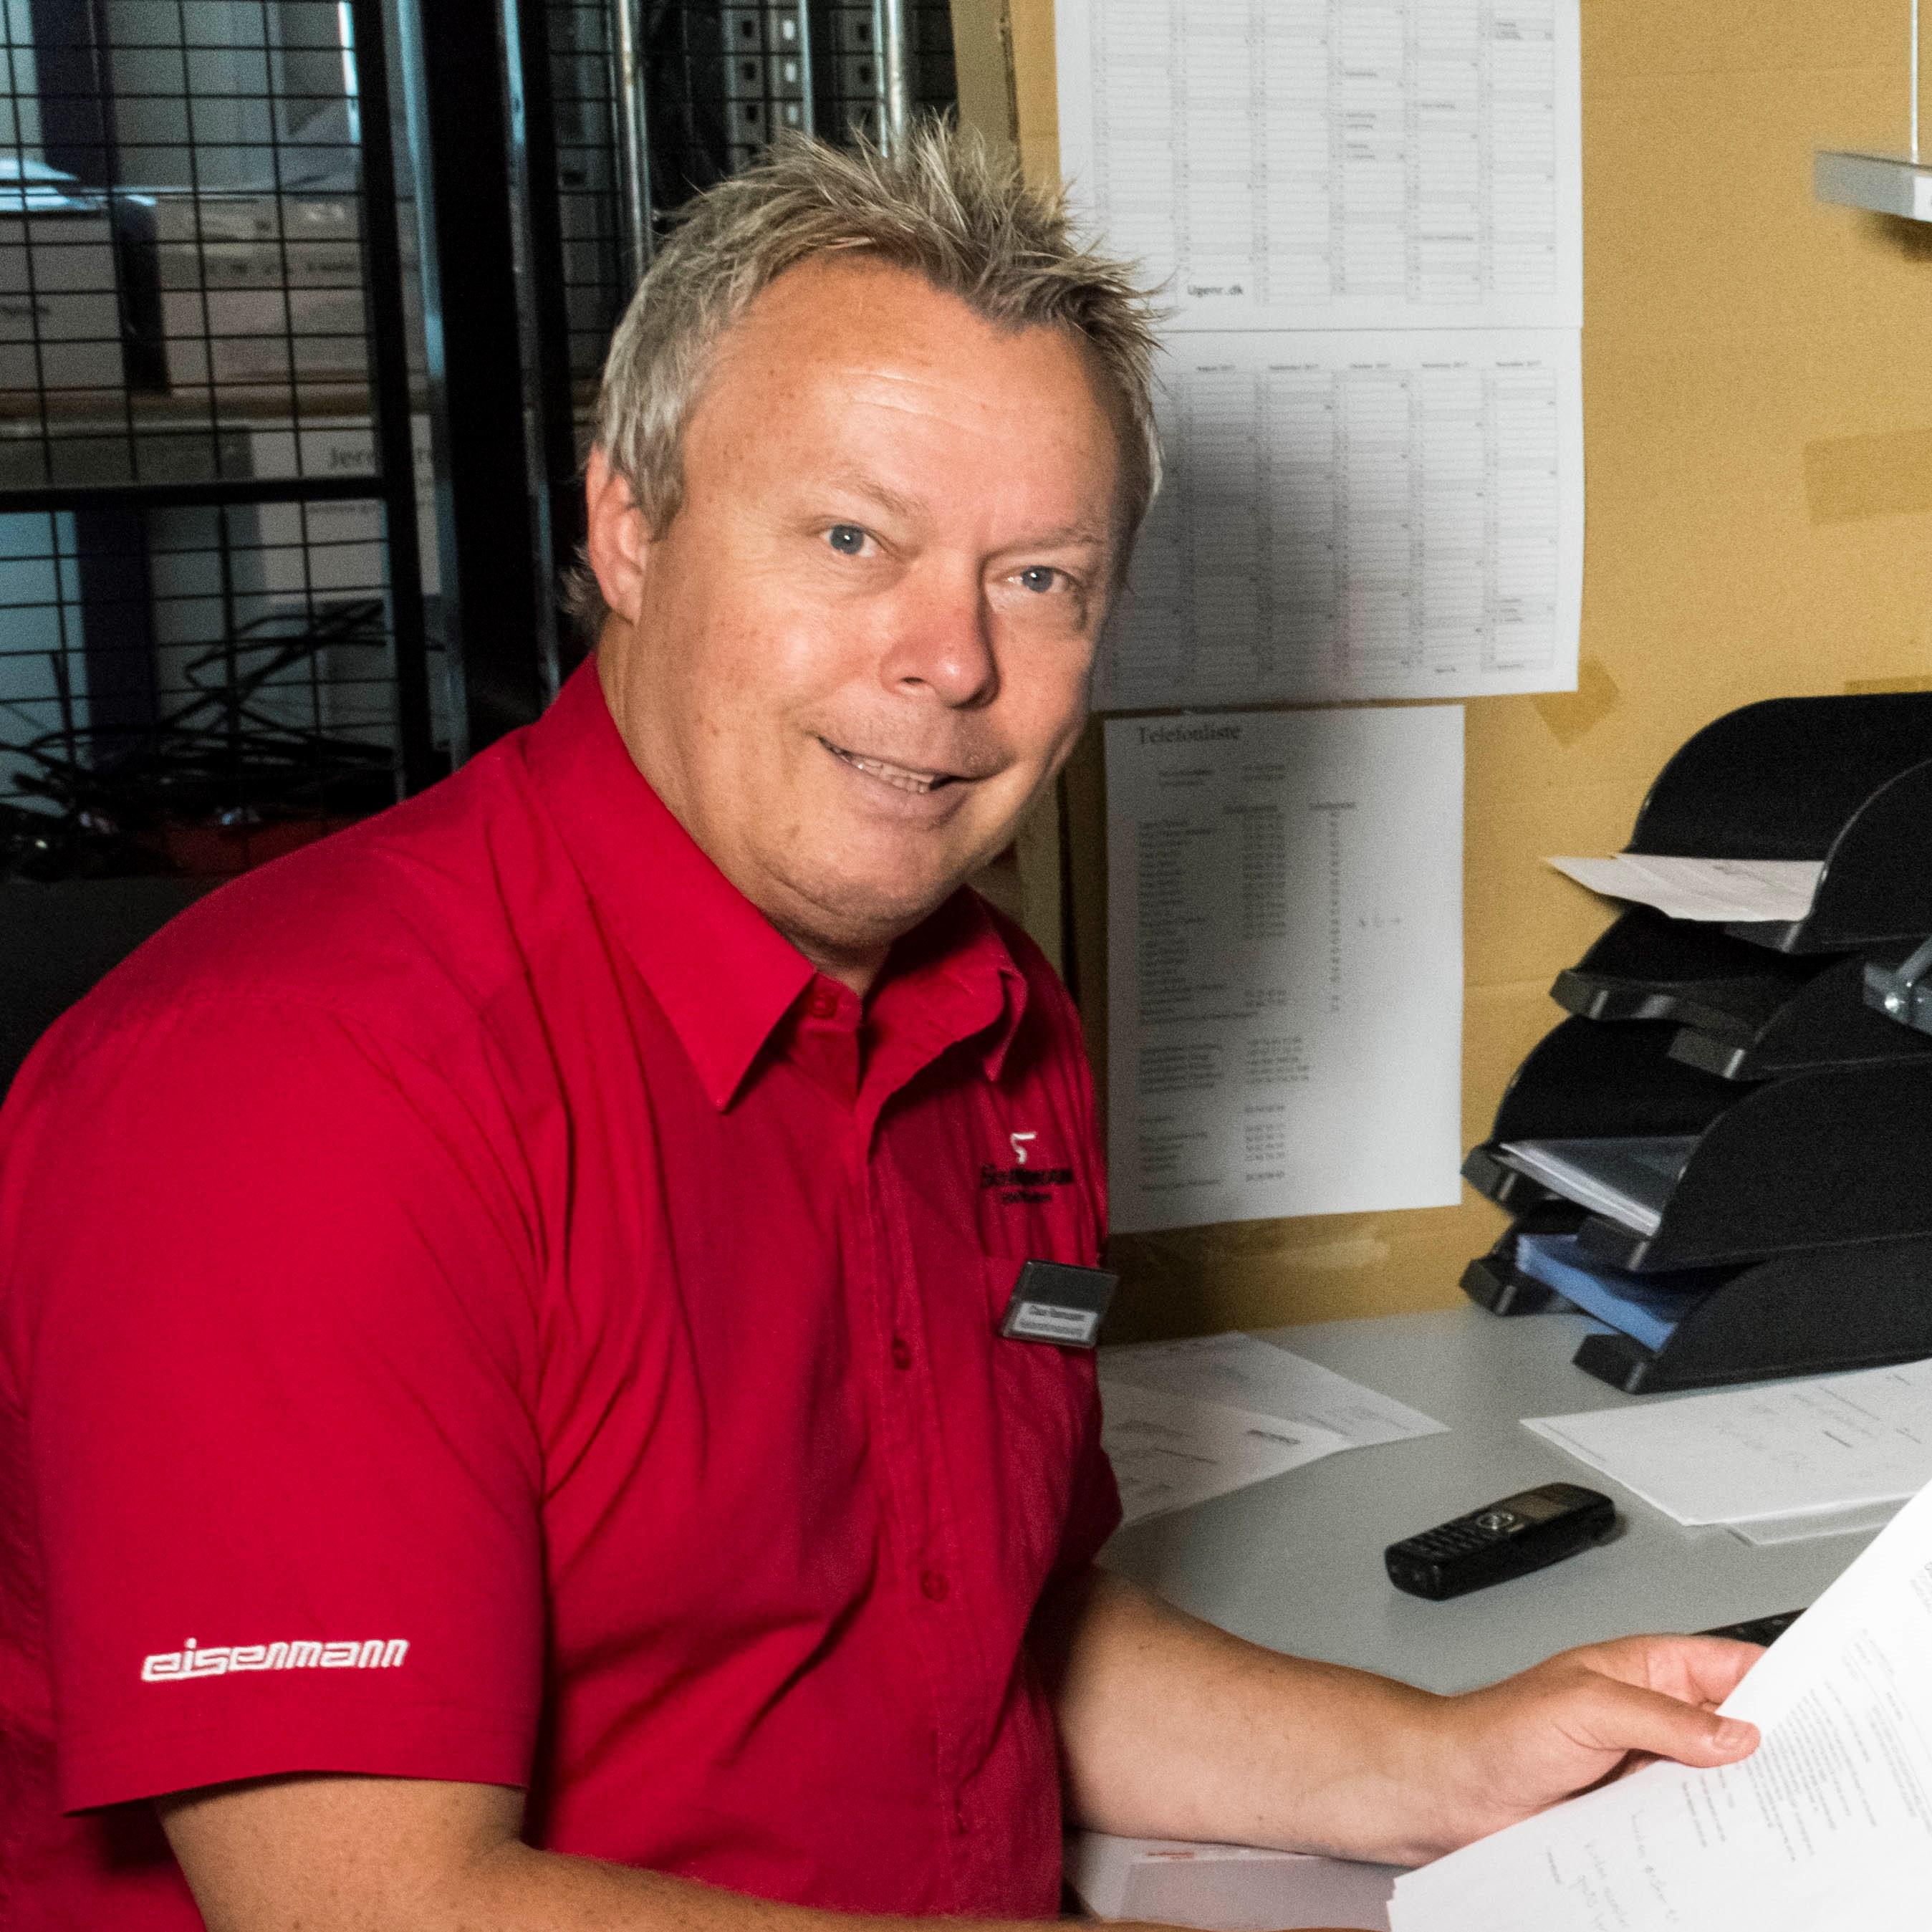 Schmiedmann Odense Claus Staff Claim 6044